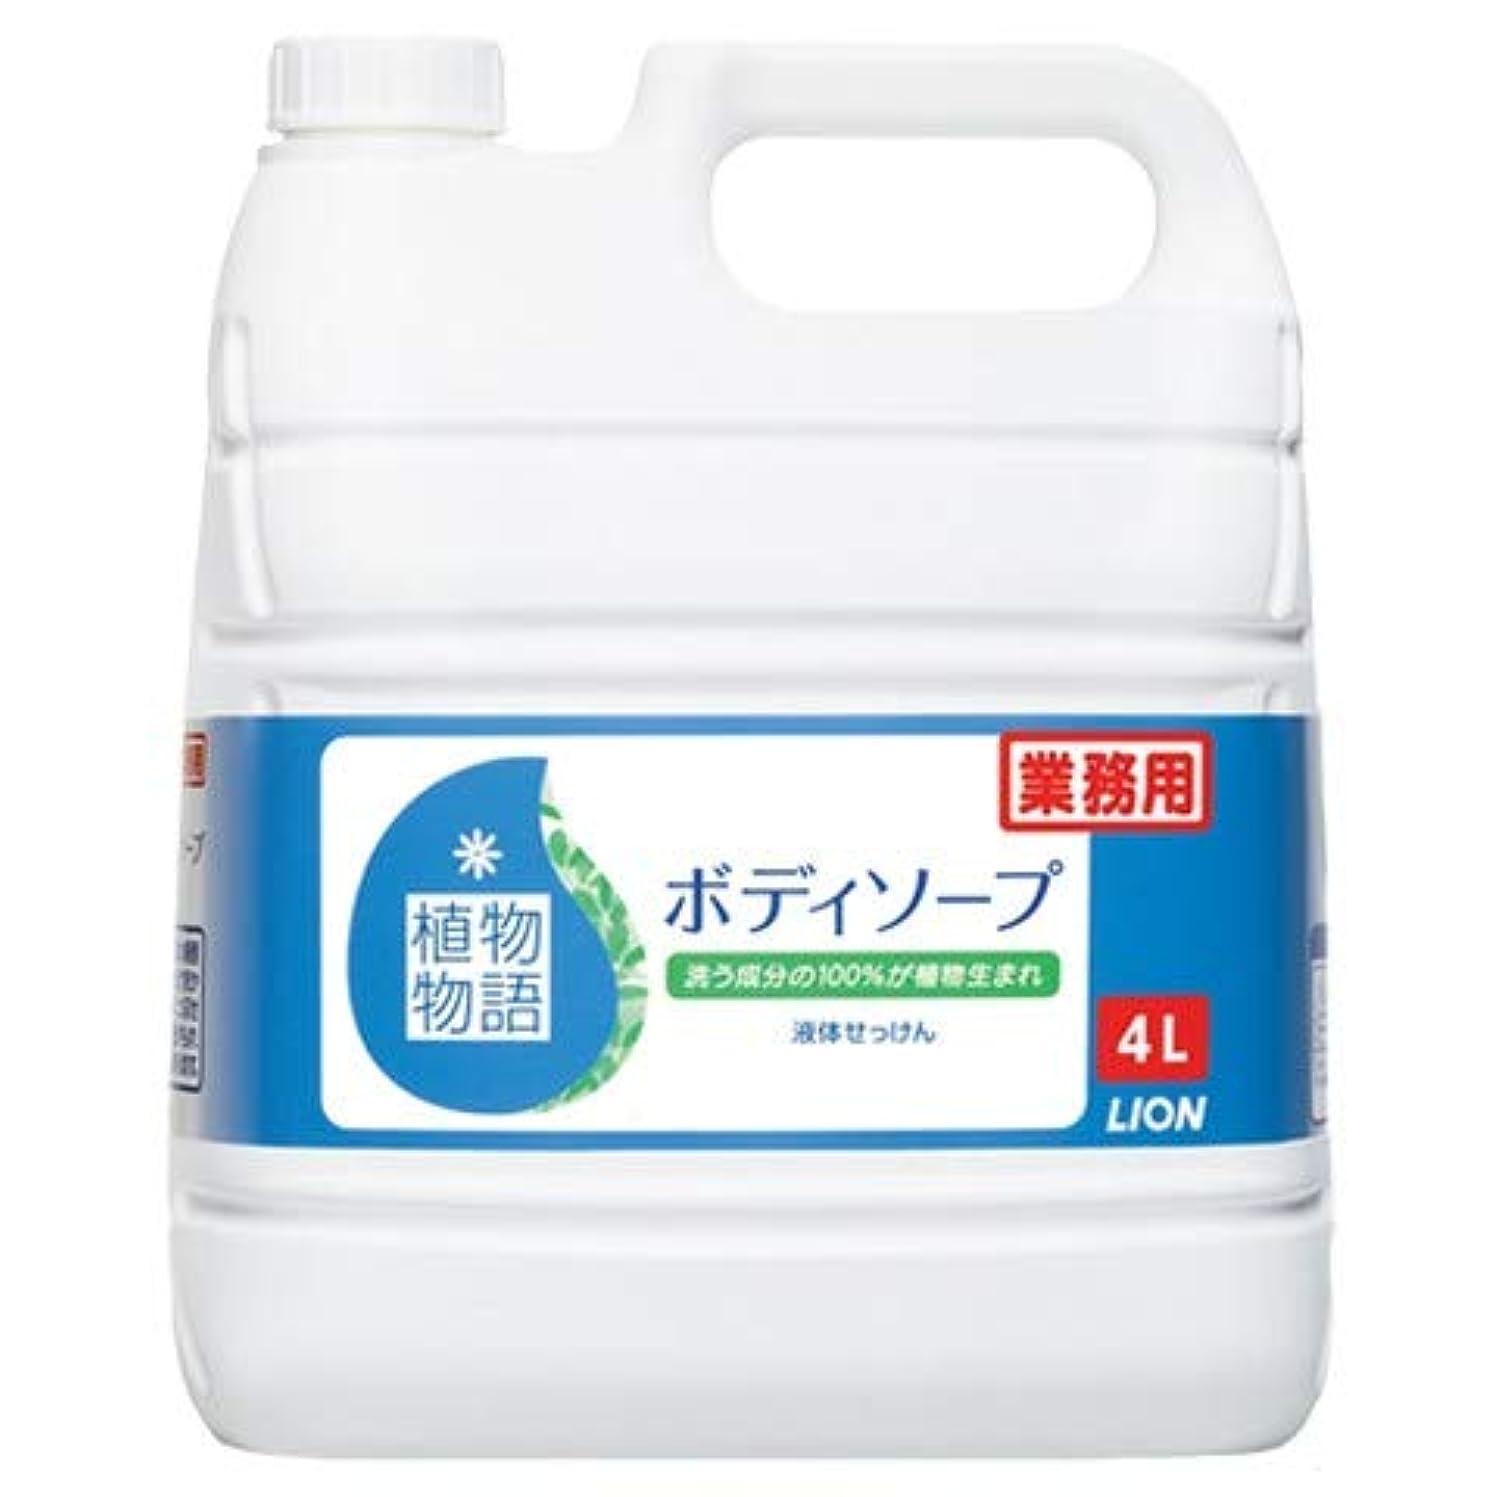 シガレット悪用バッフルライオン 植物物語ボディソープ 業務用 4L